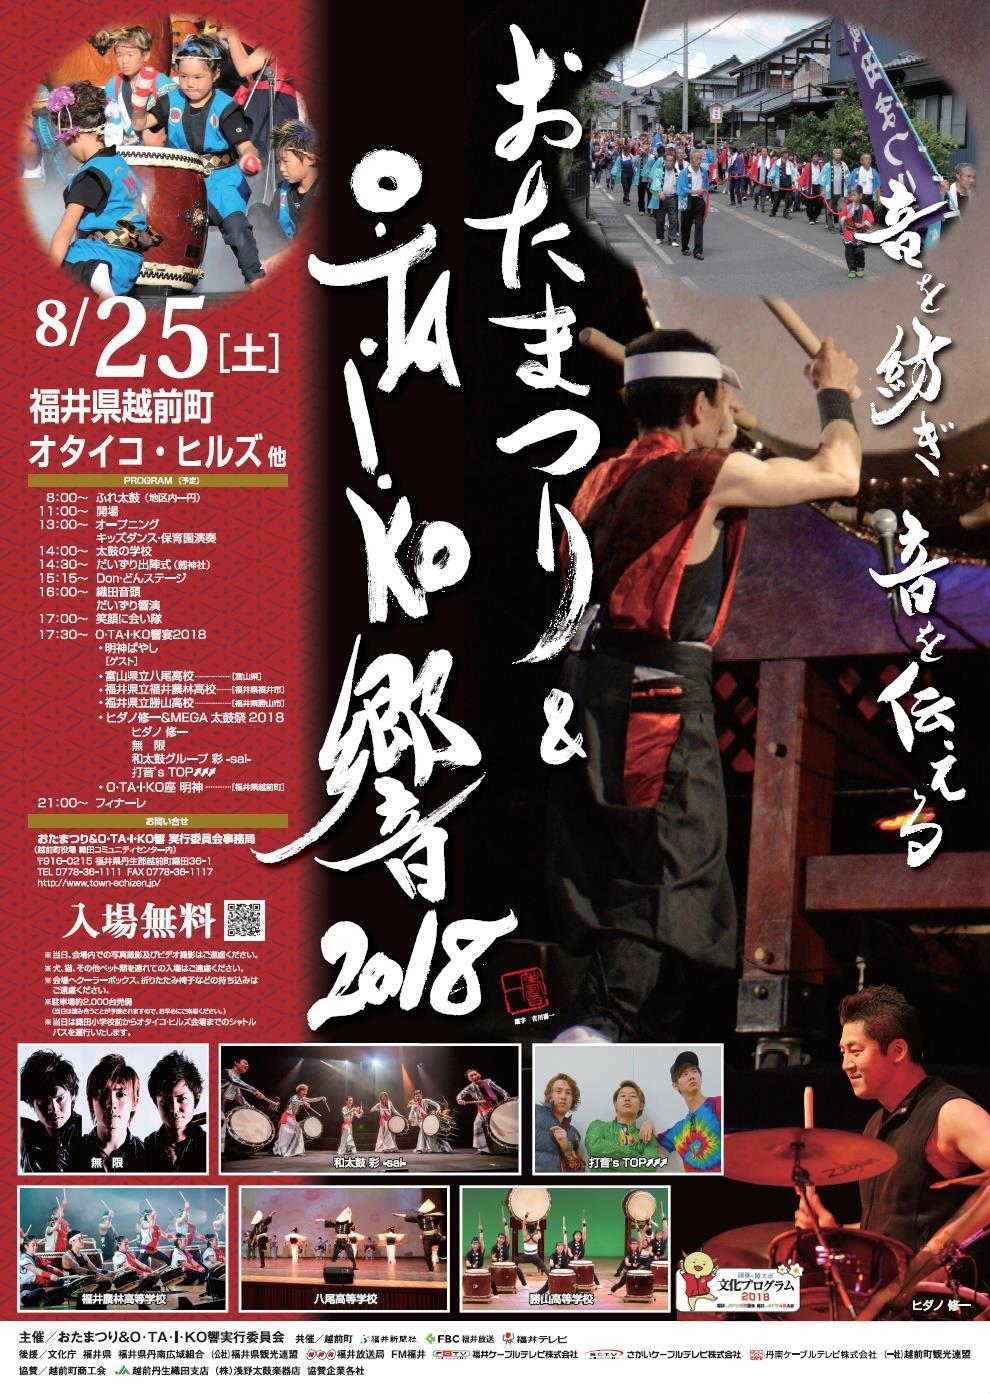 2018 おたまつり&OTAIKO響(丹生郡越前町)